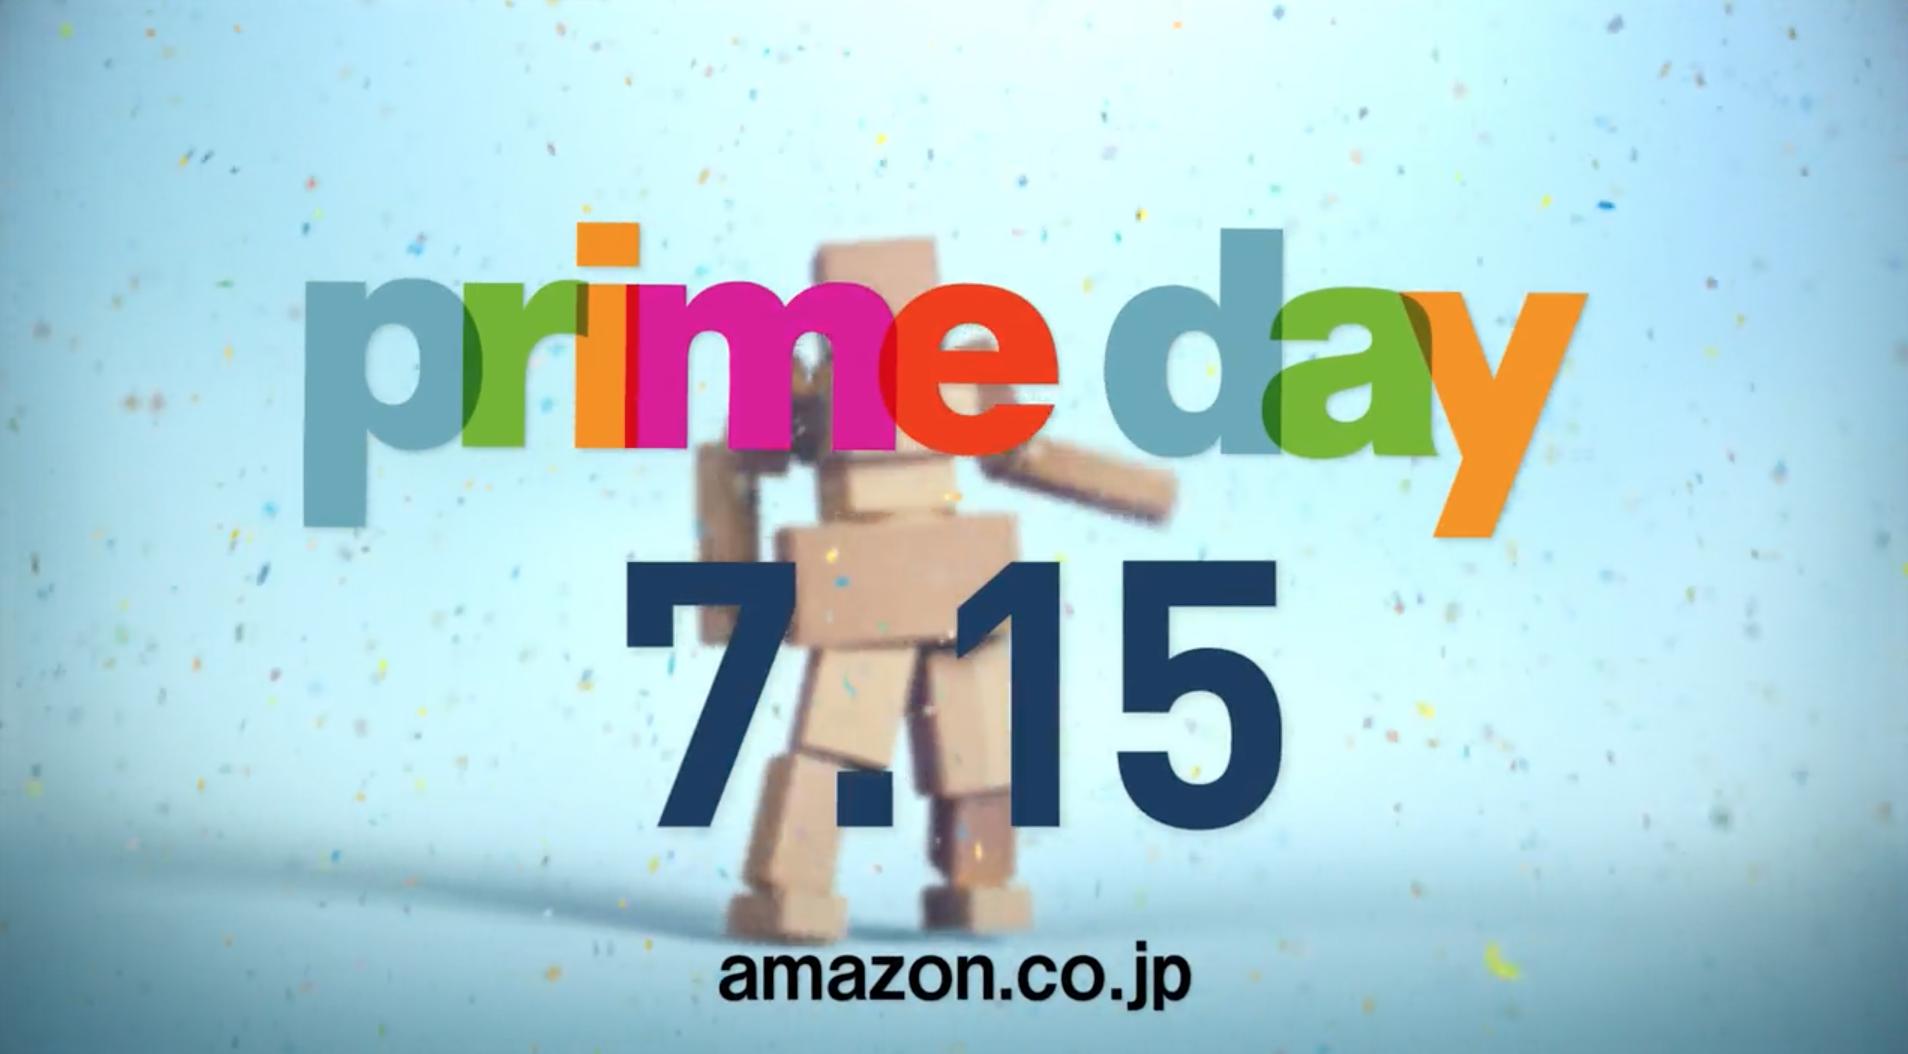 20週年記念の大セール「Amazonプライムデー」開催! 2015年7月15日が待ち遠しい!